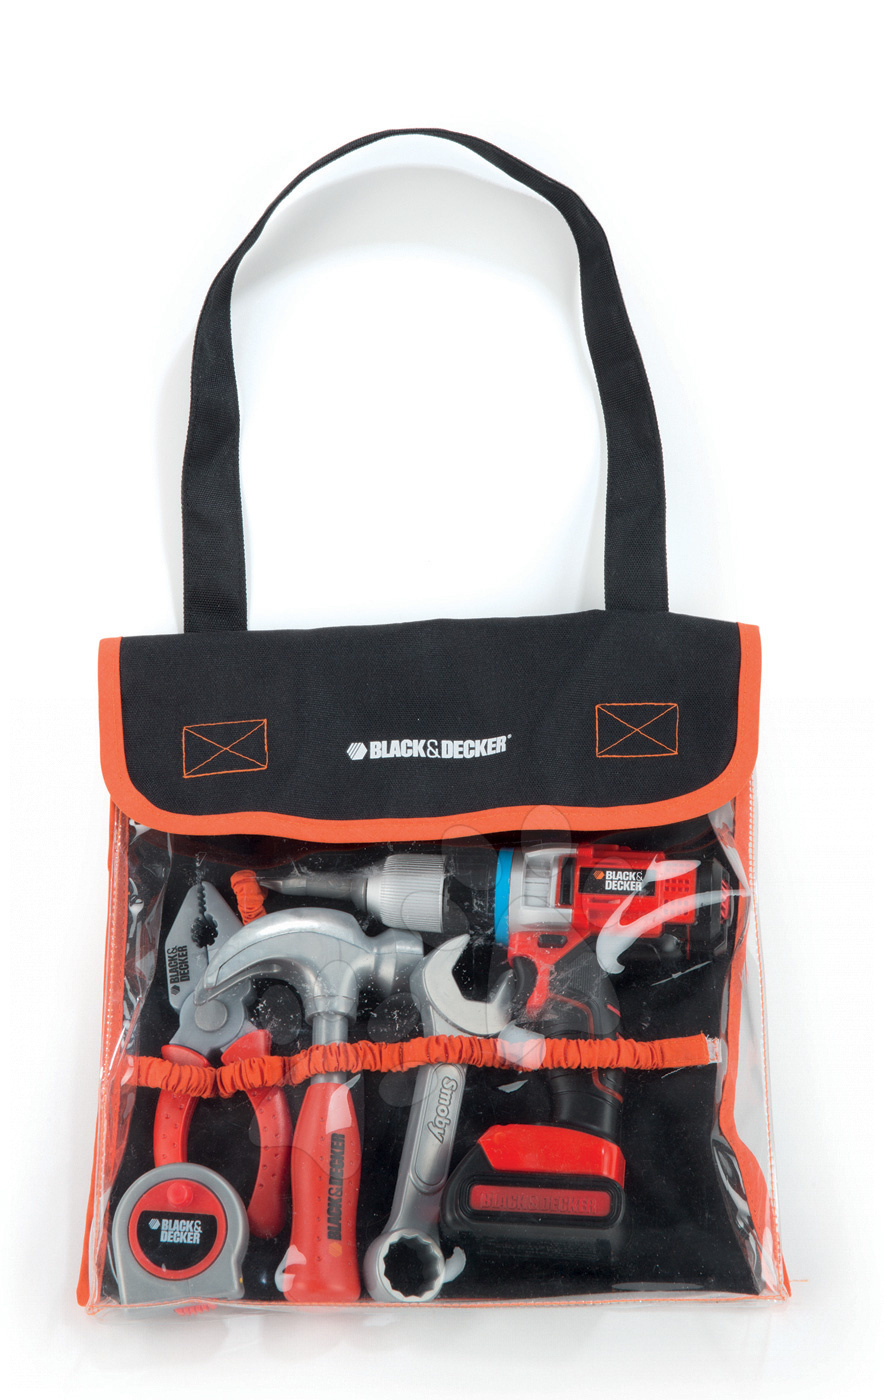 Náradie a nástroje - Pracovné náradie Black&Decker Smoby v taške s mechanickou vŕtačkou 5 kusov